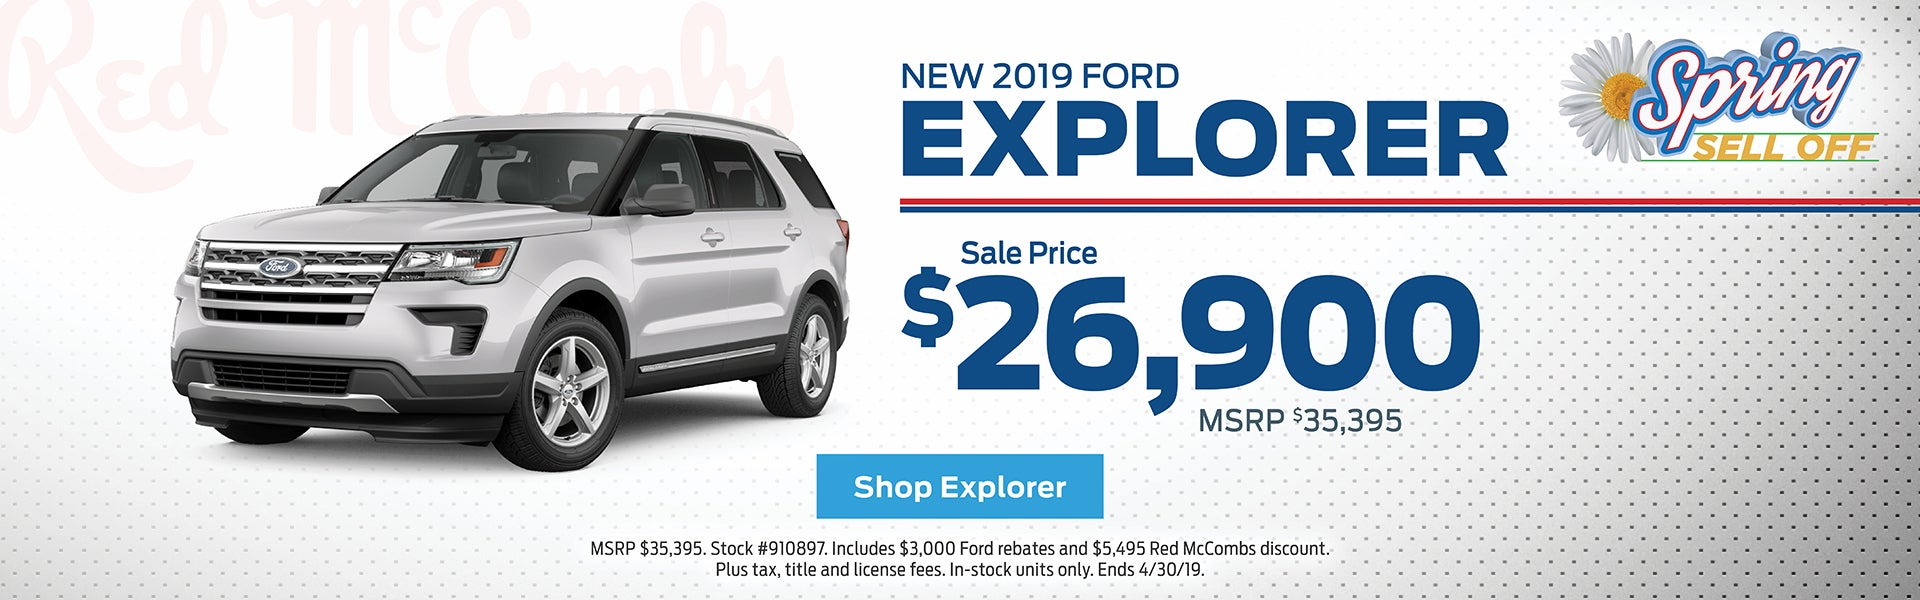 Explorer Price